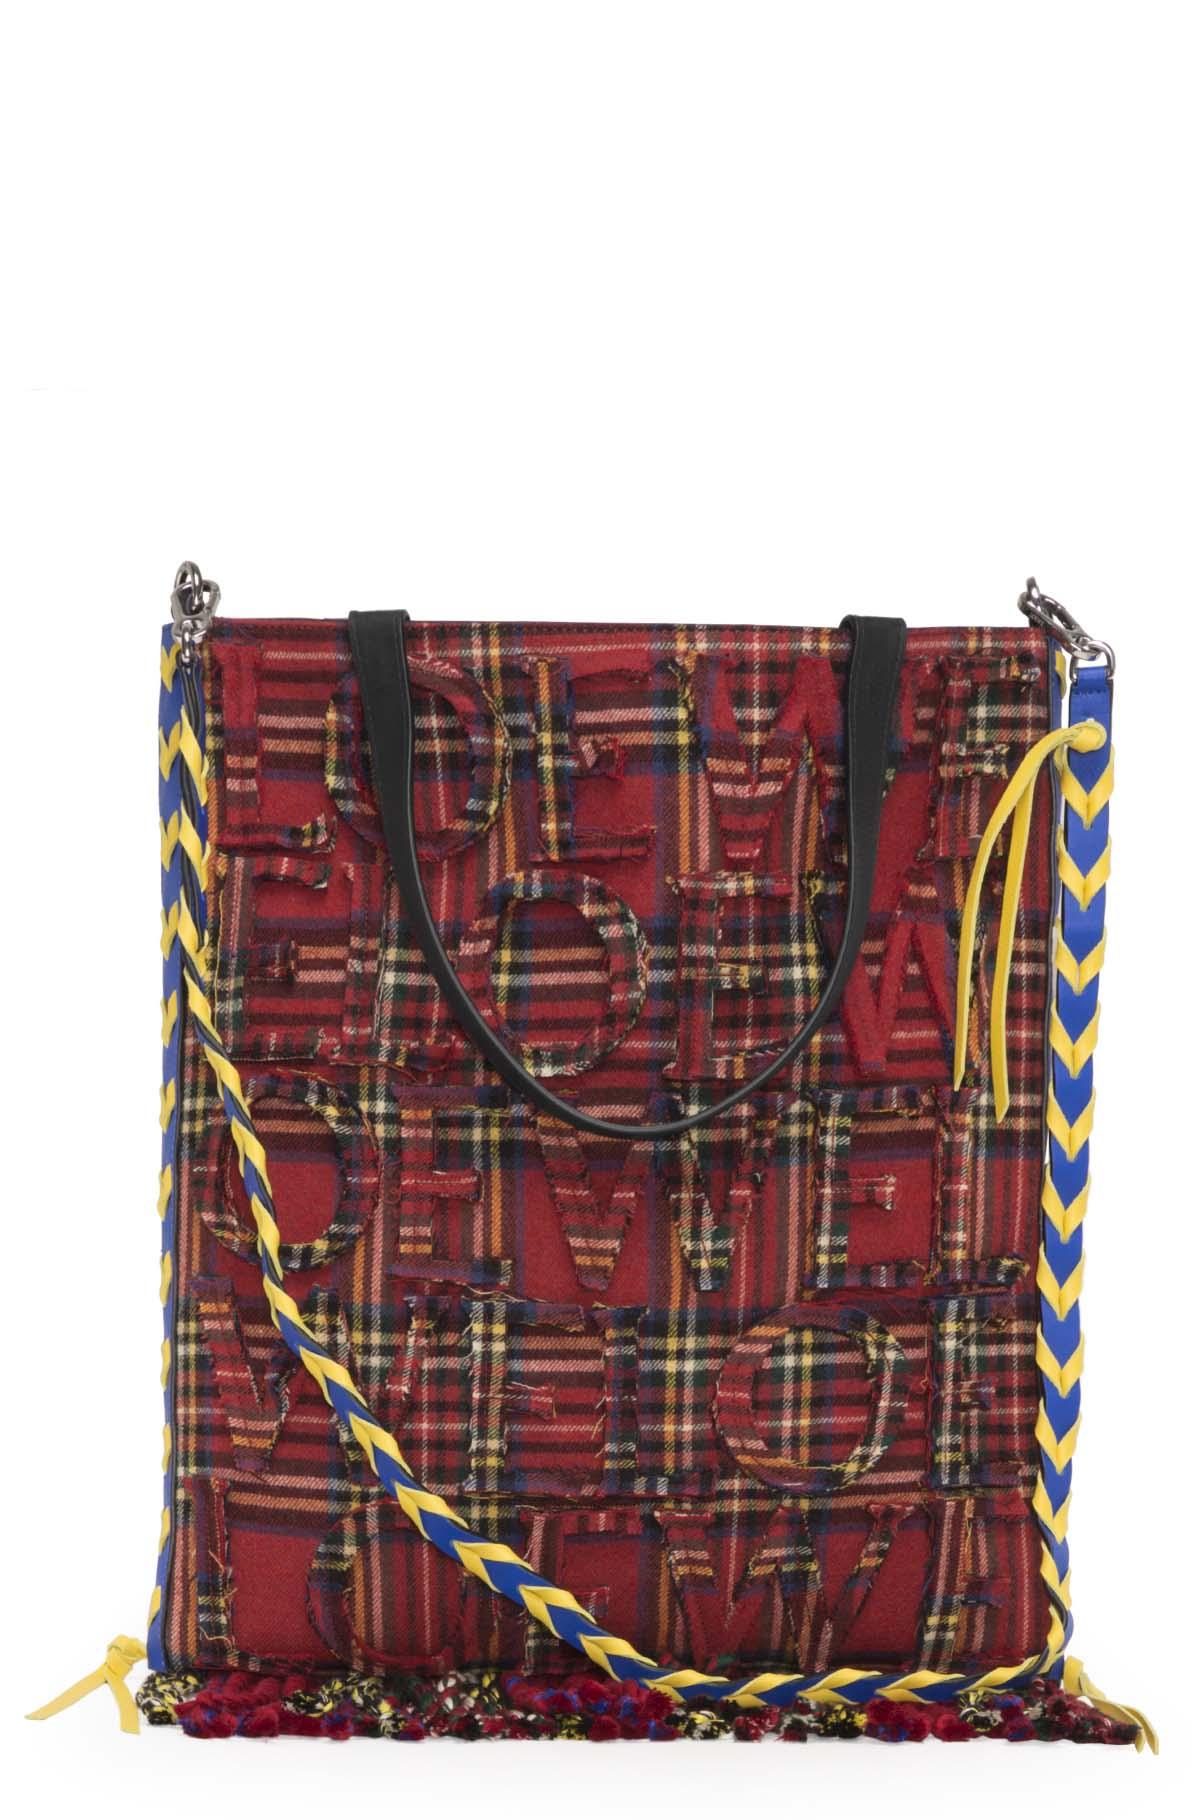 LOEWE Vertical Tote Tartan Bag Red/Black front